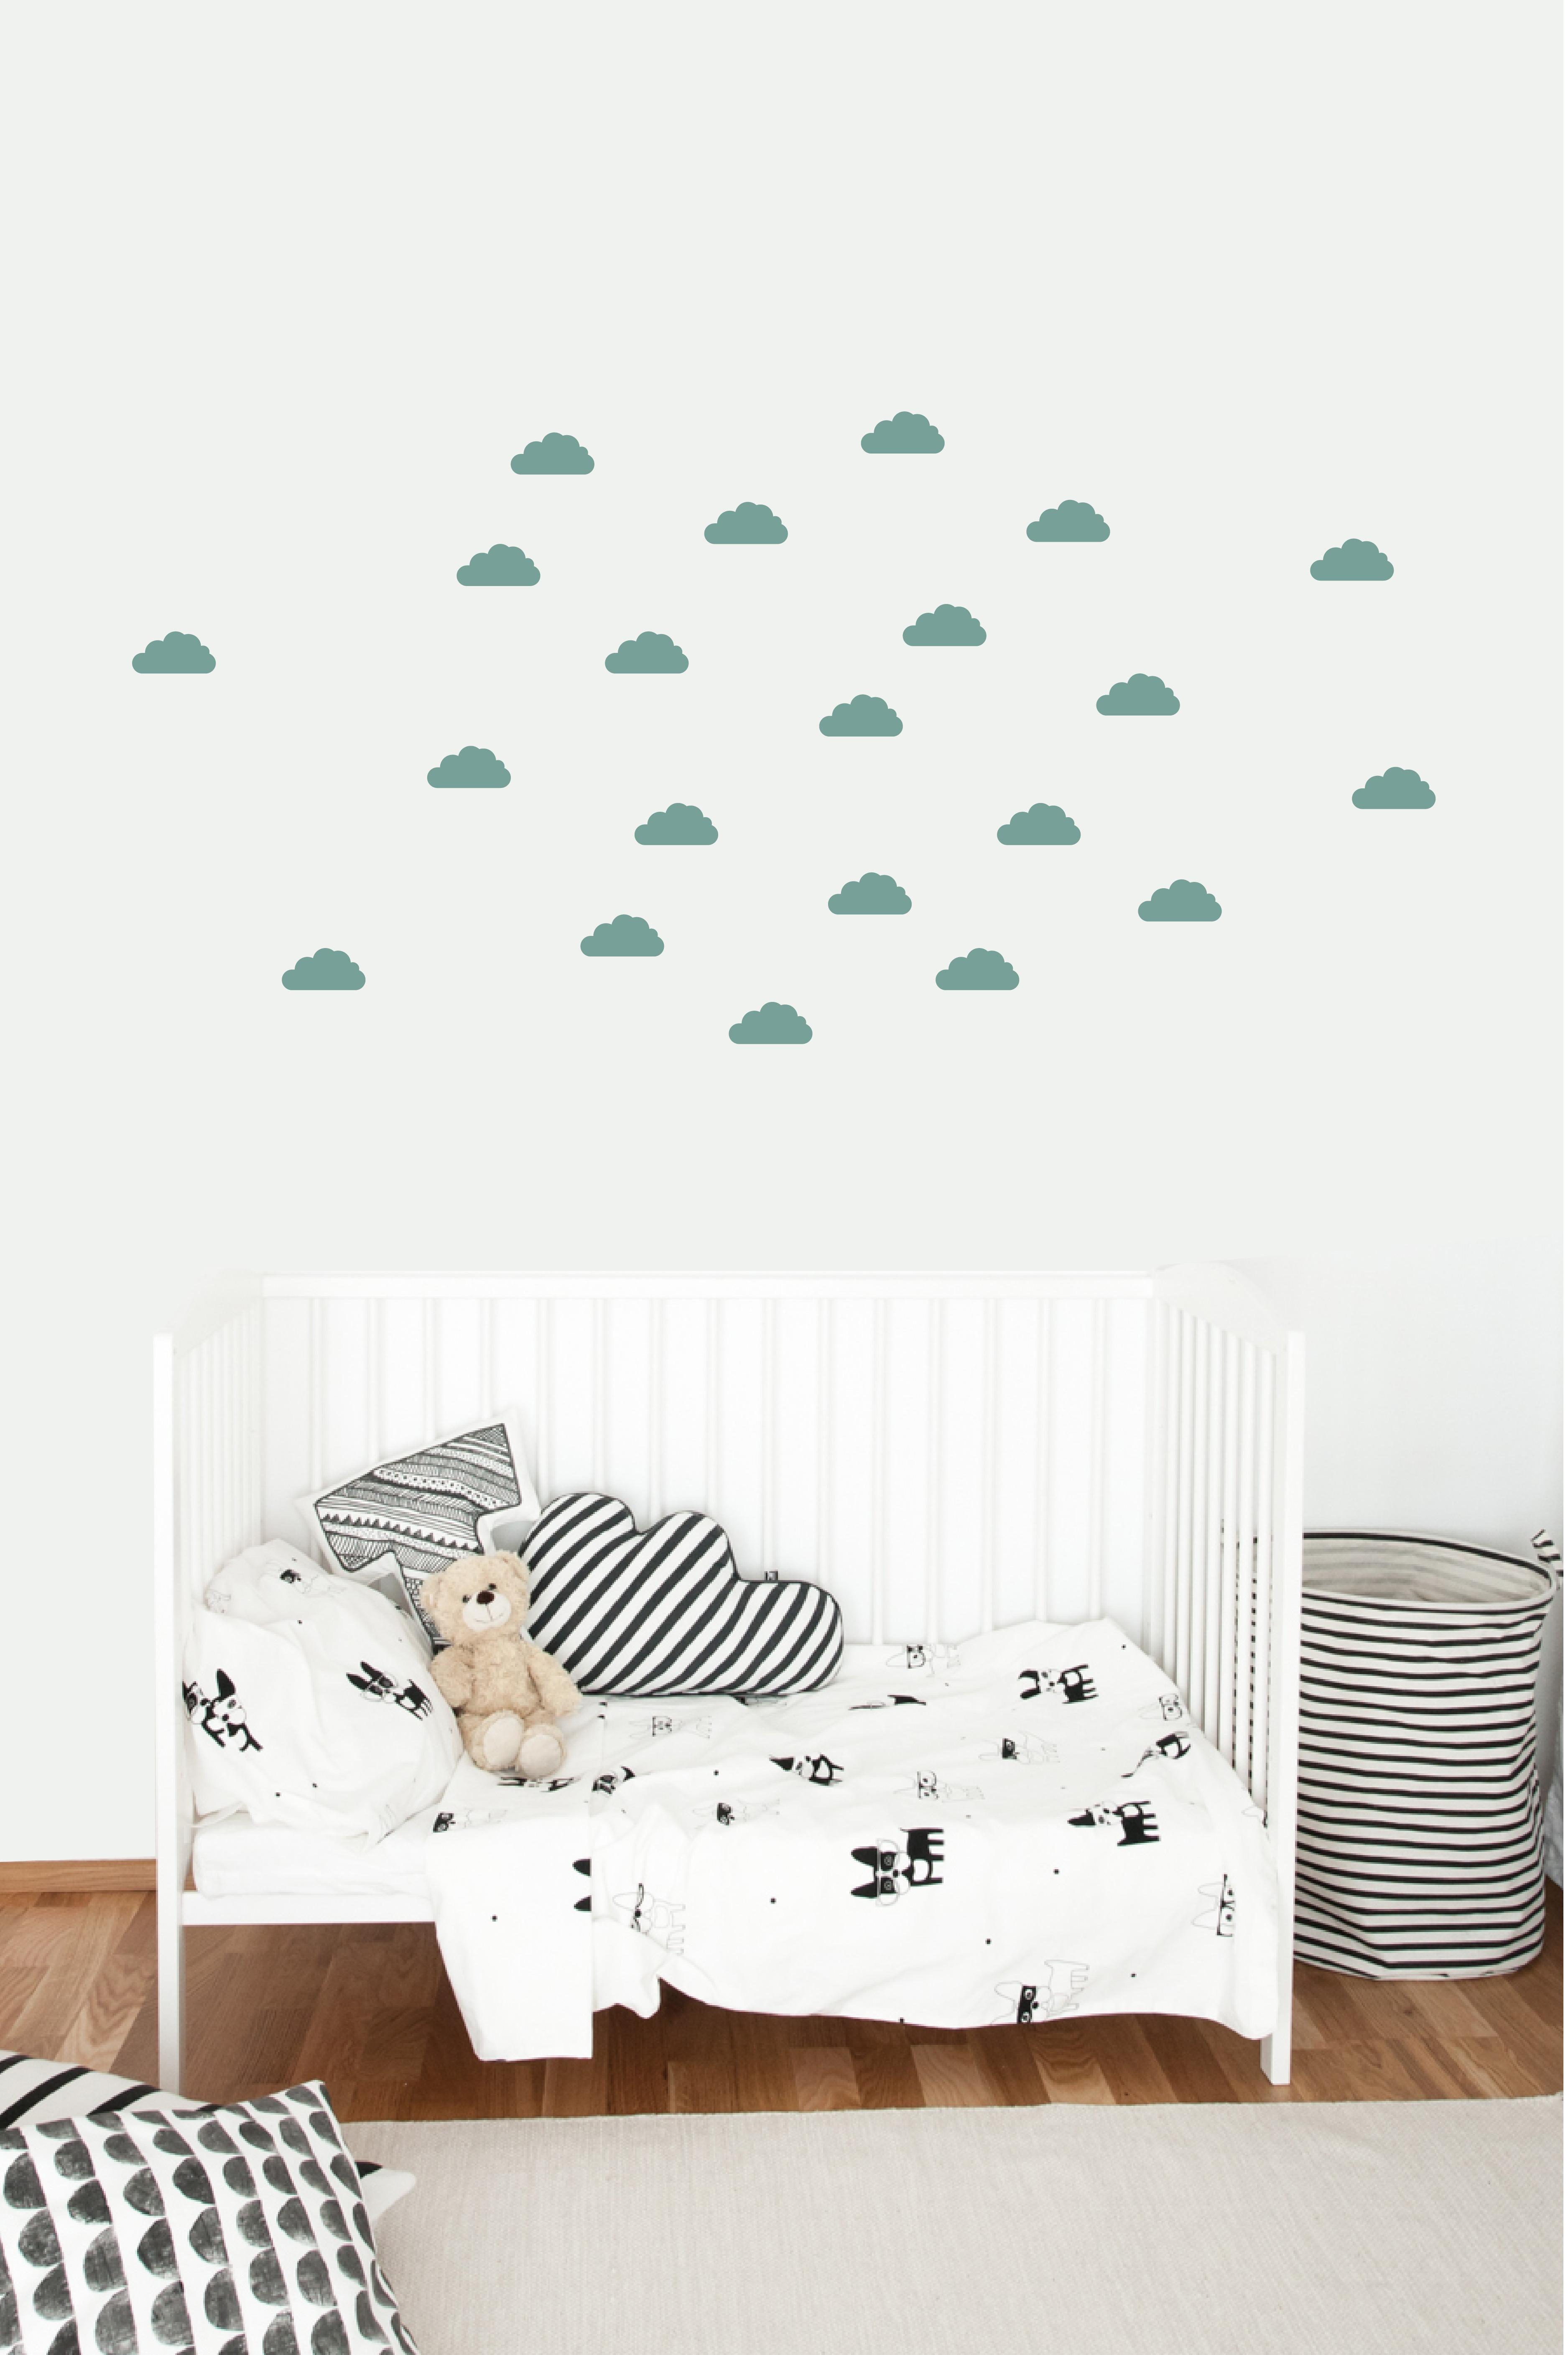 Muursticker clouds